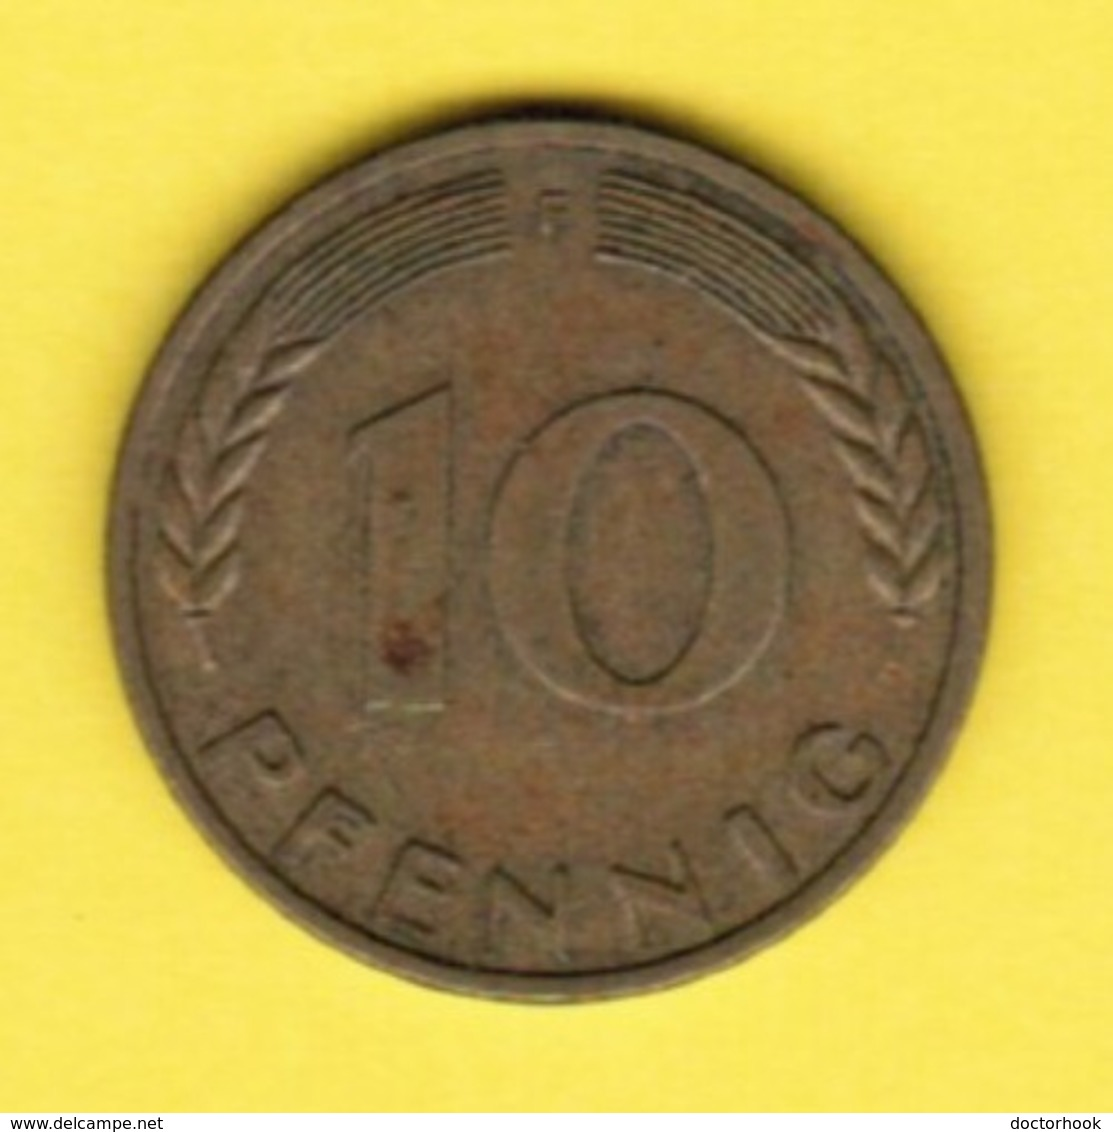 """GERMANY  10 PFENNIG 1950 """"F"""" (KM # 108) #5340 - 10 Pfennig"""